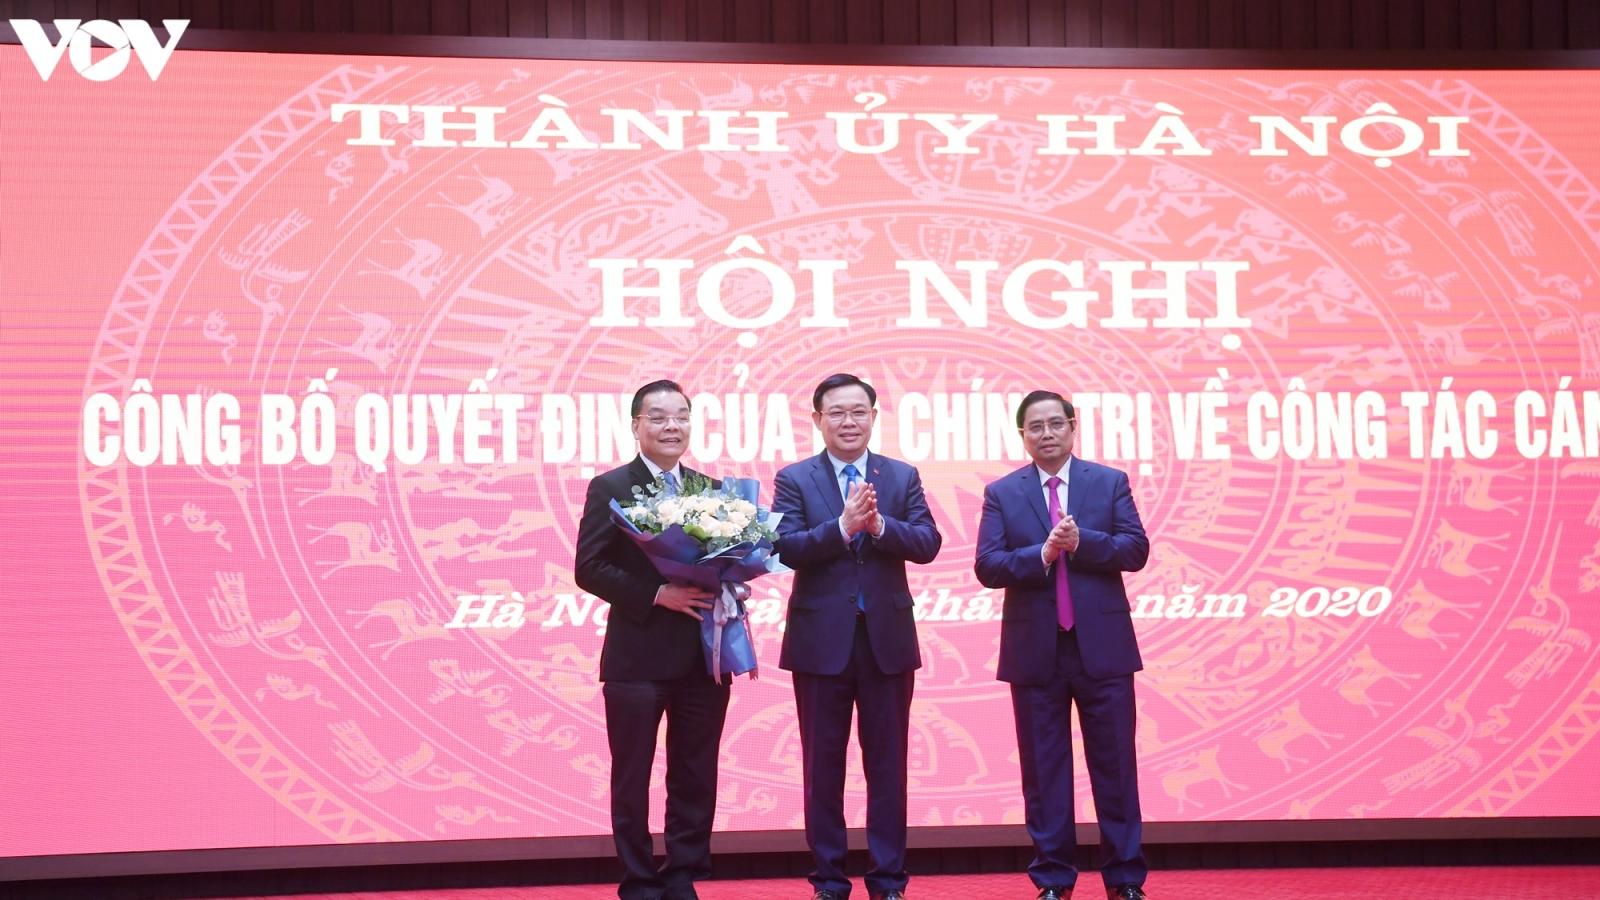 Bộ trưởng Bộ KH-CN Chu Ngọc Anh làm Phó Bí thư Thành ủy Hà Nội